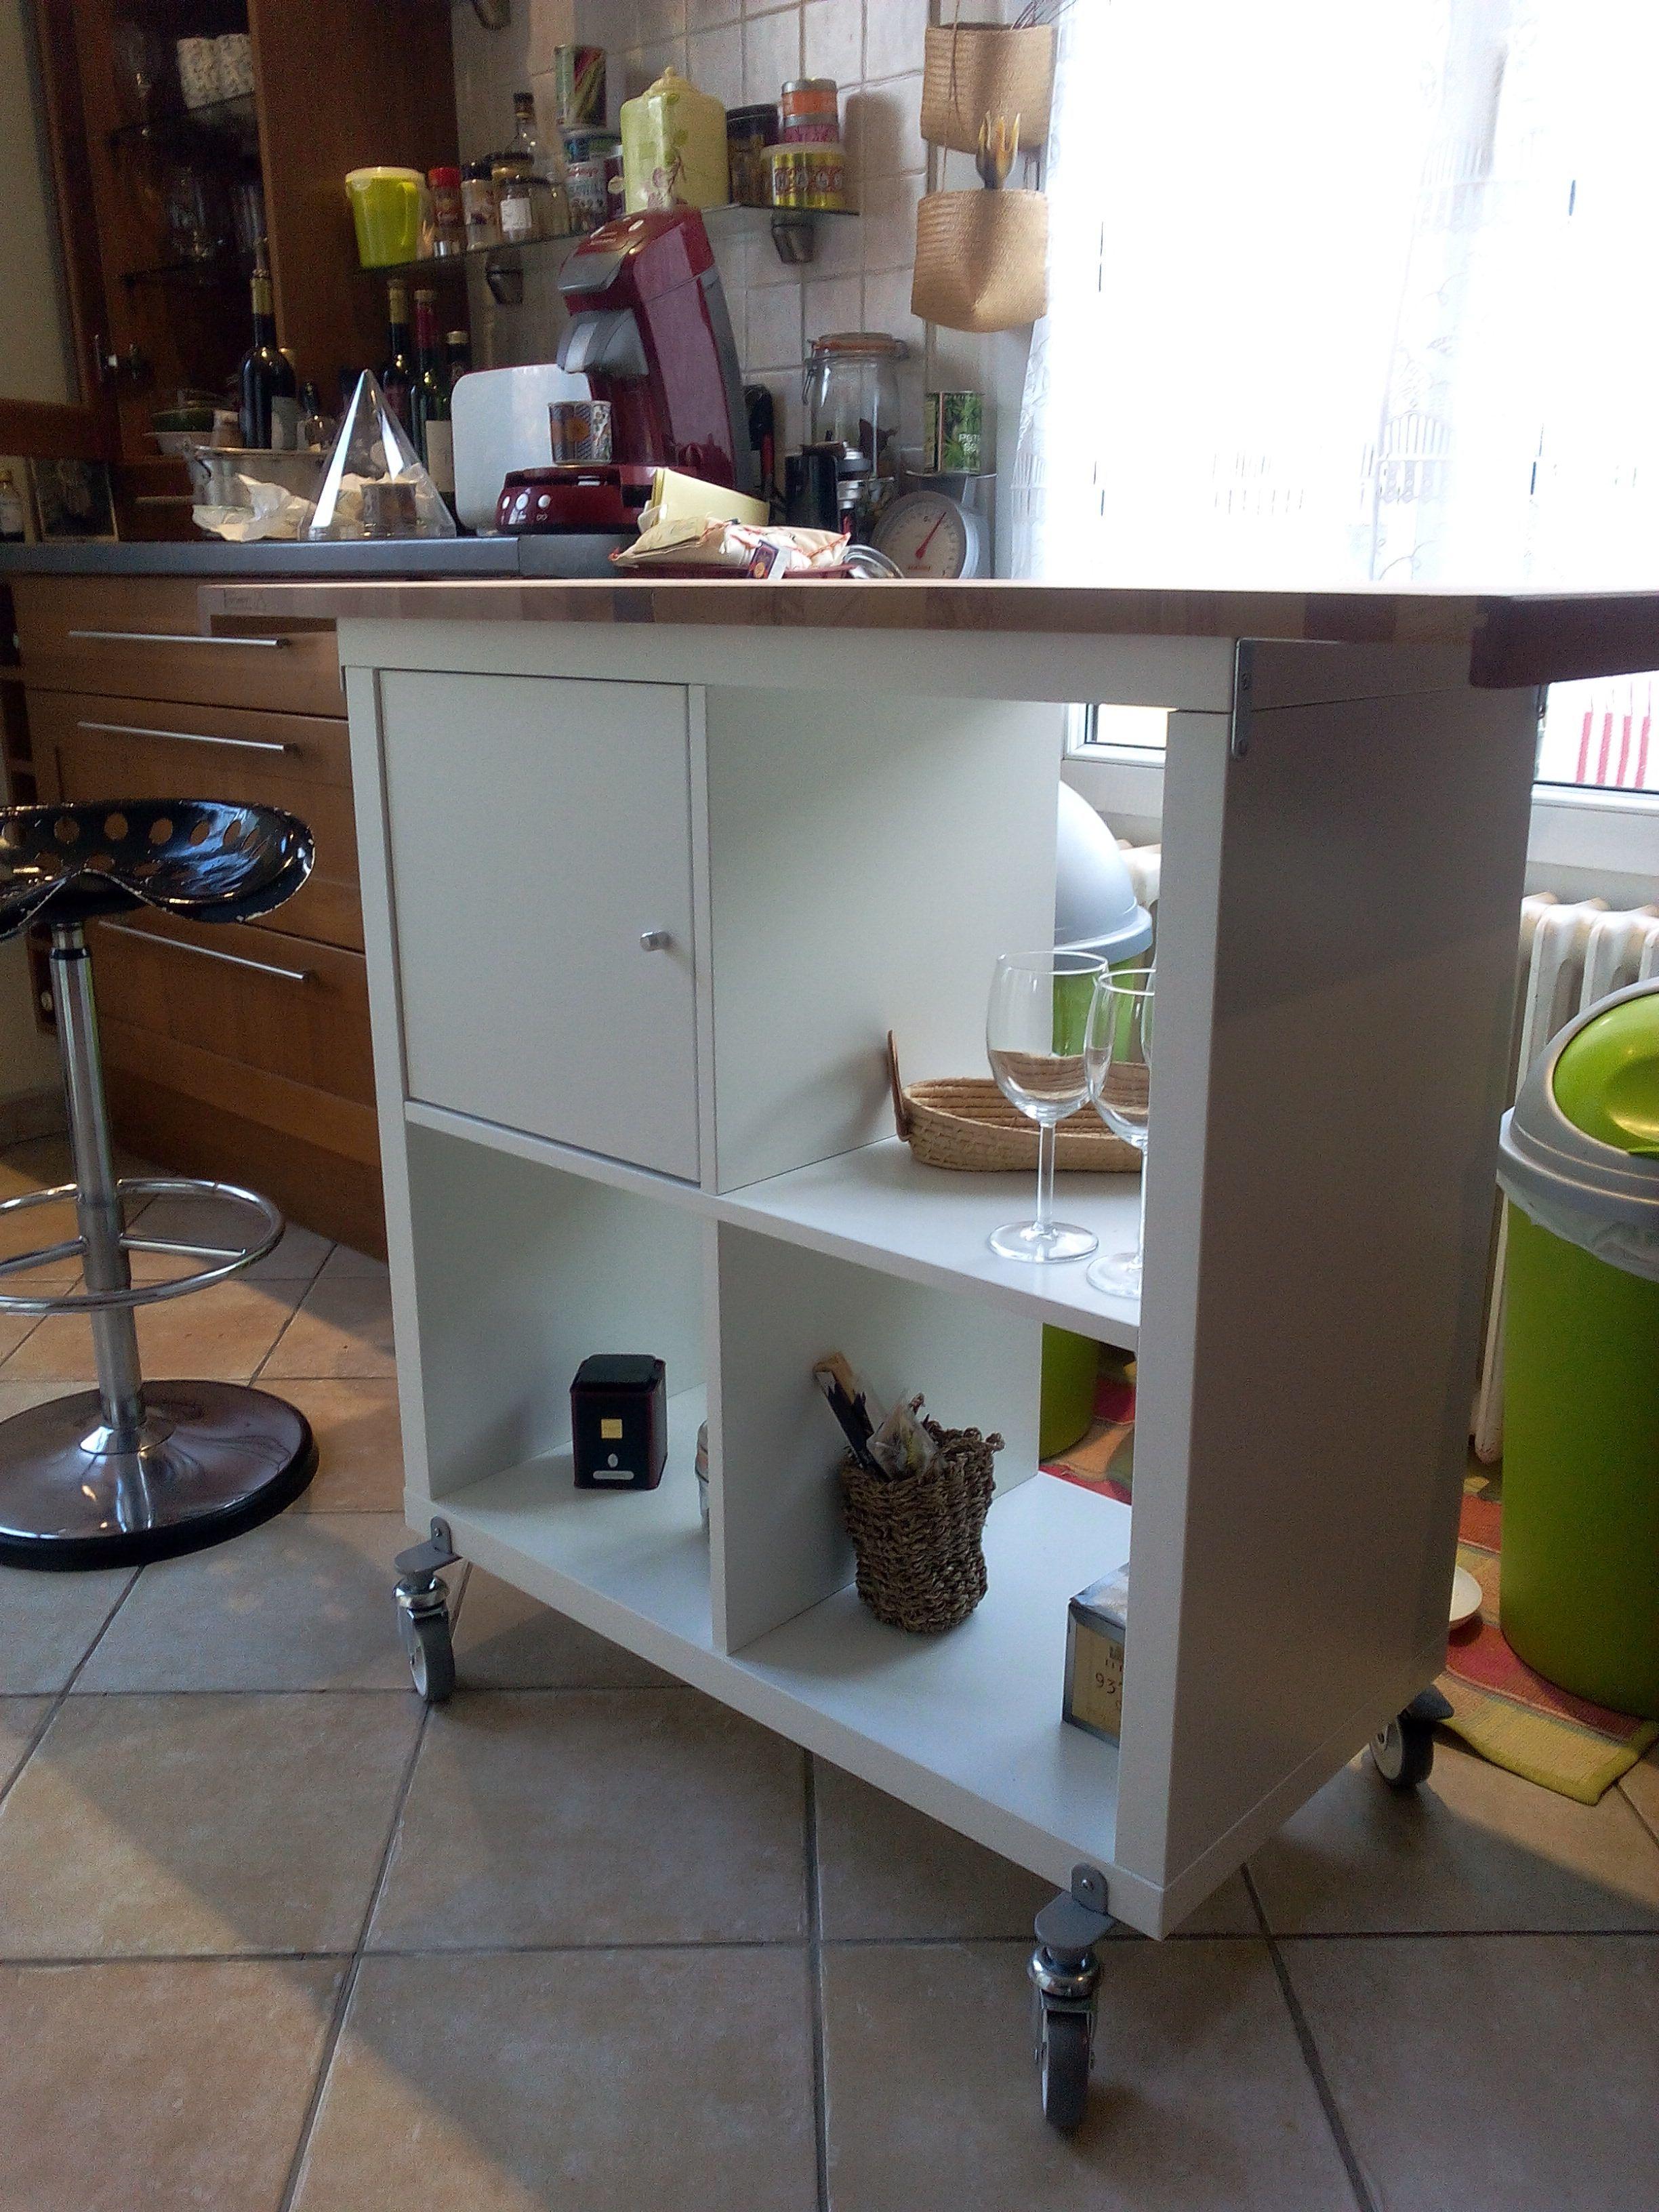 Diy Petit îlot De Cuisine Réalisé Avec Planches à Découper Un - Petit meuble a roulettes pour idees de deco de cuisine